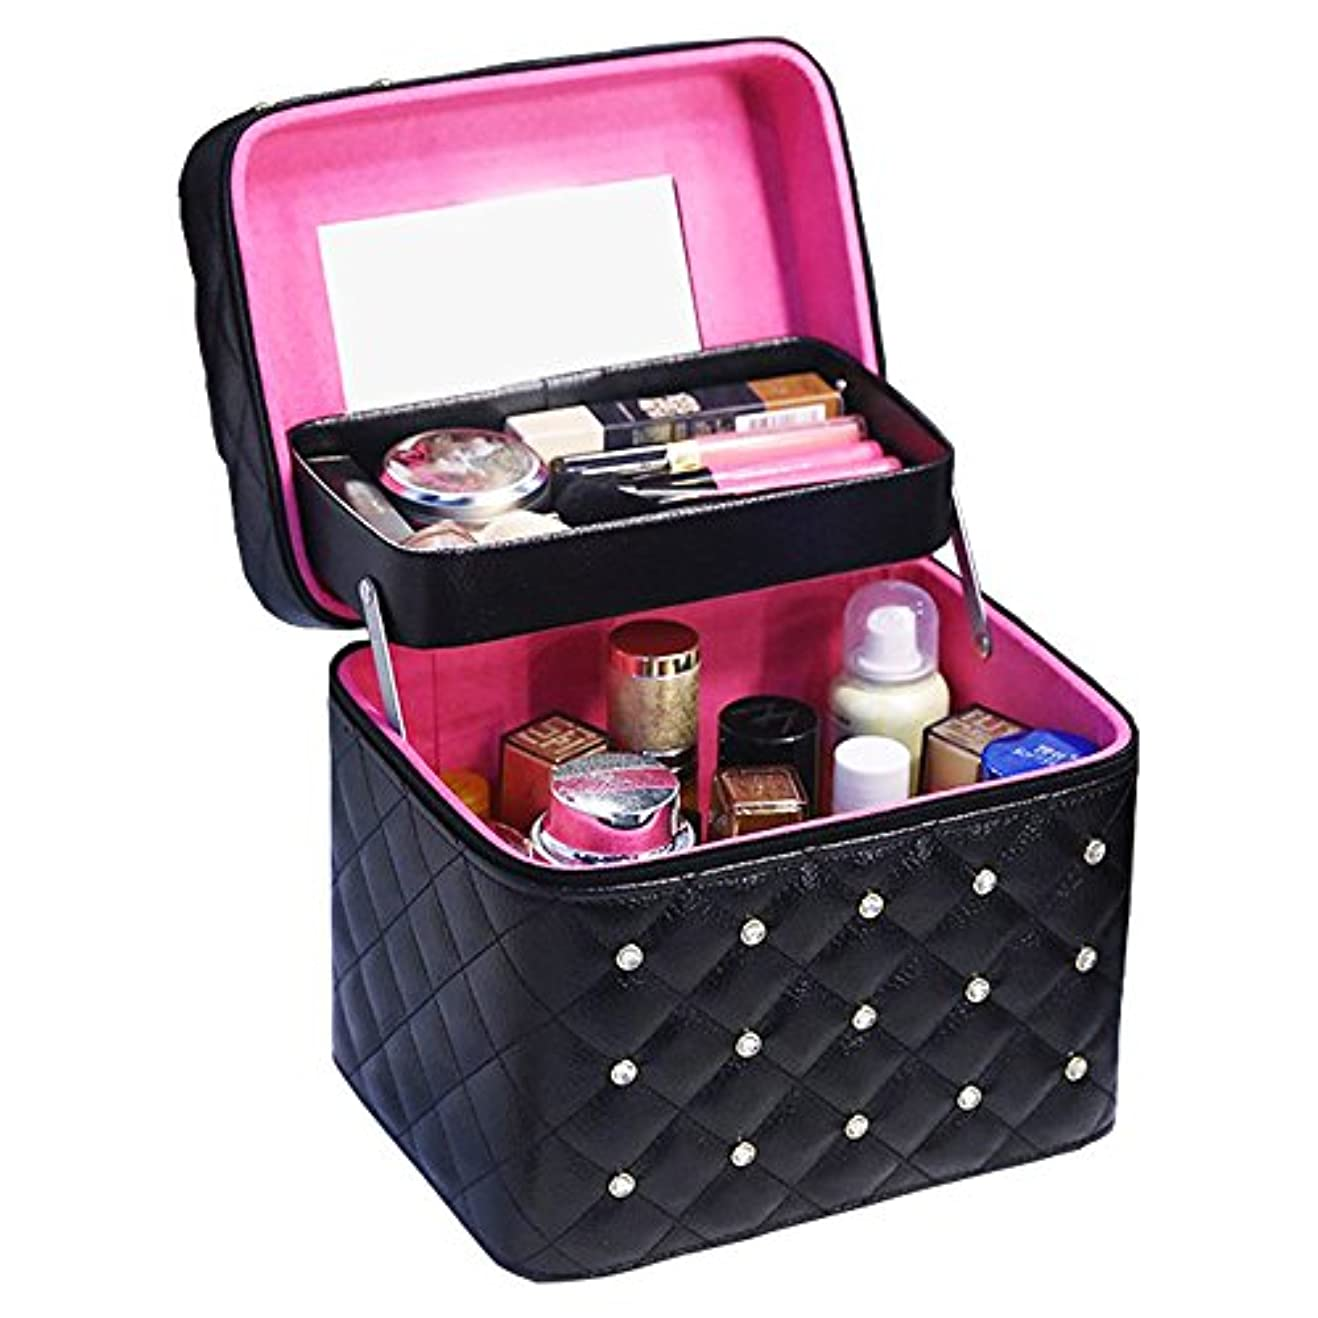 動かない感覚障害者Twinkle goods (ツインクルグッズ) メイクボックス コスメボックス 化粧品 収納 PUレザー お洒落なデザイン メイク道具をすっきり収納 携帯にも 2段タイプ